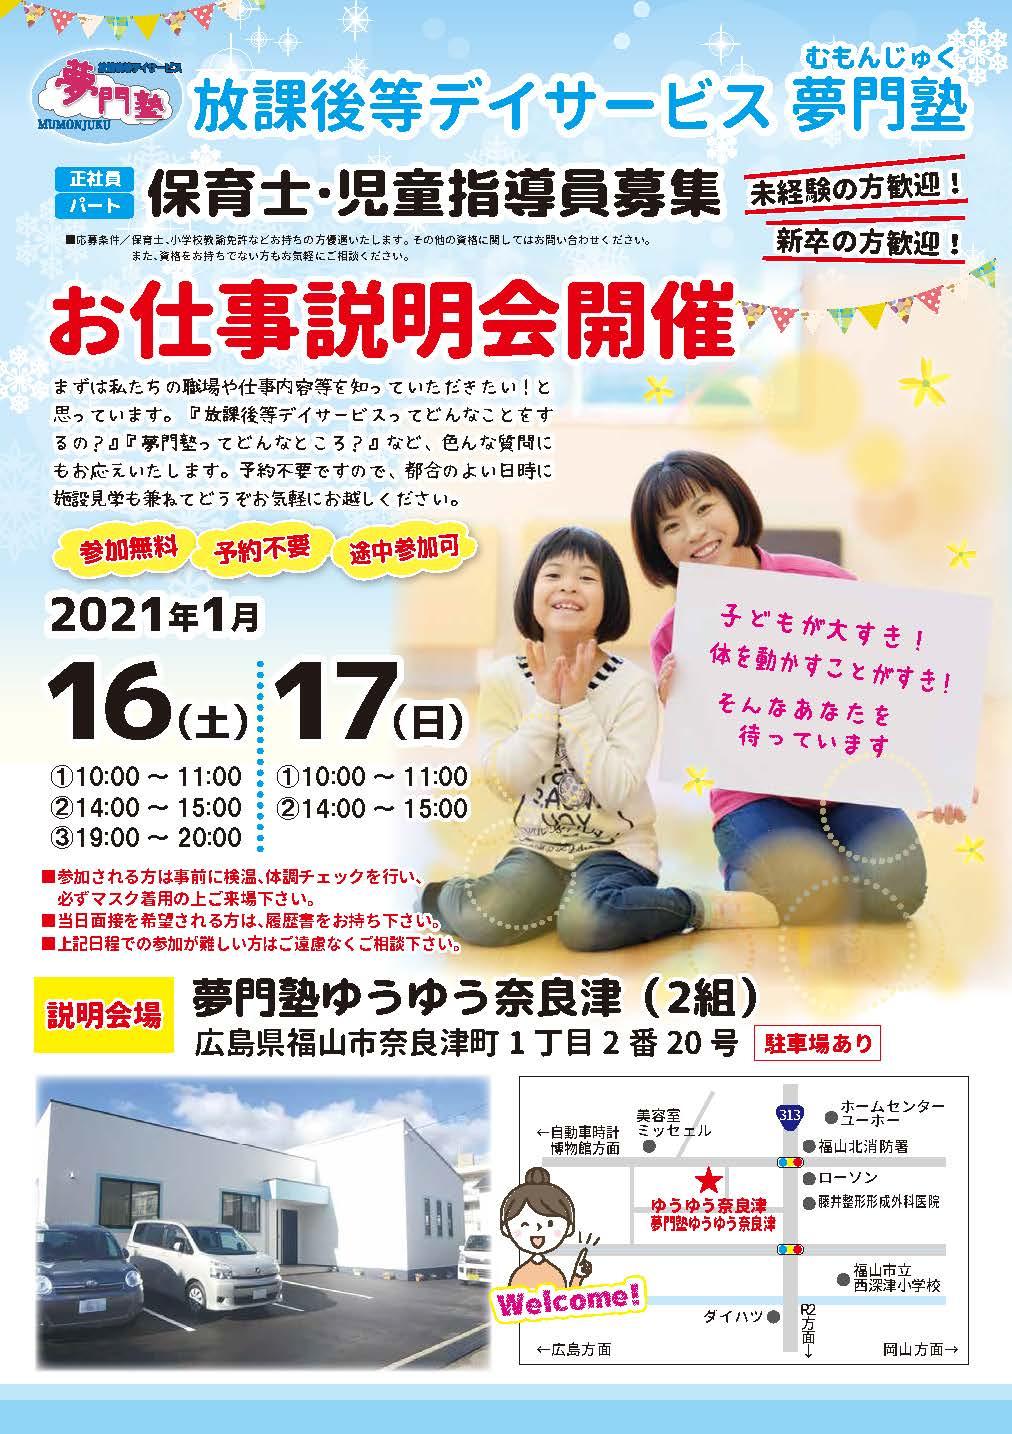 【広島県福山市】お仕事説明会を開催します【1月16・17日】